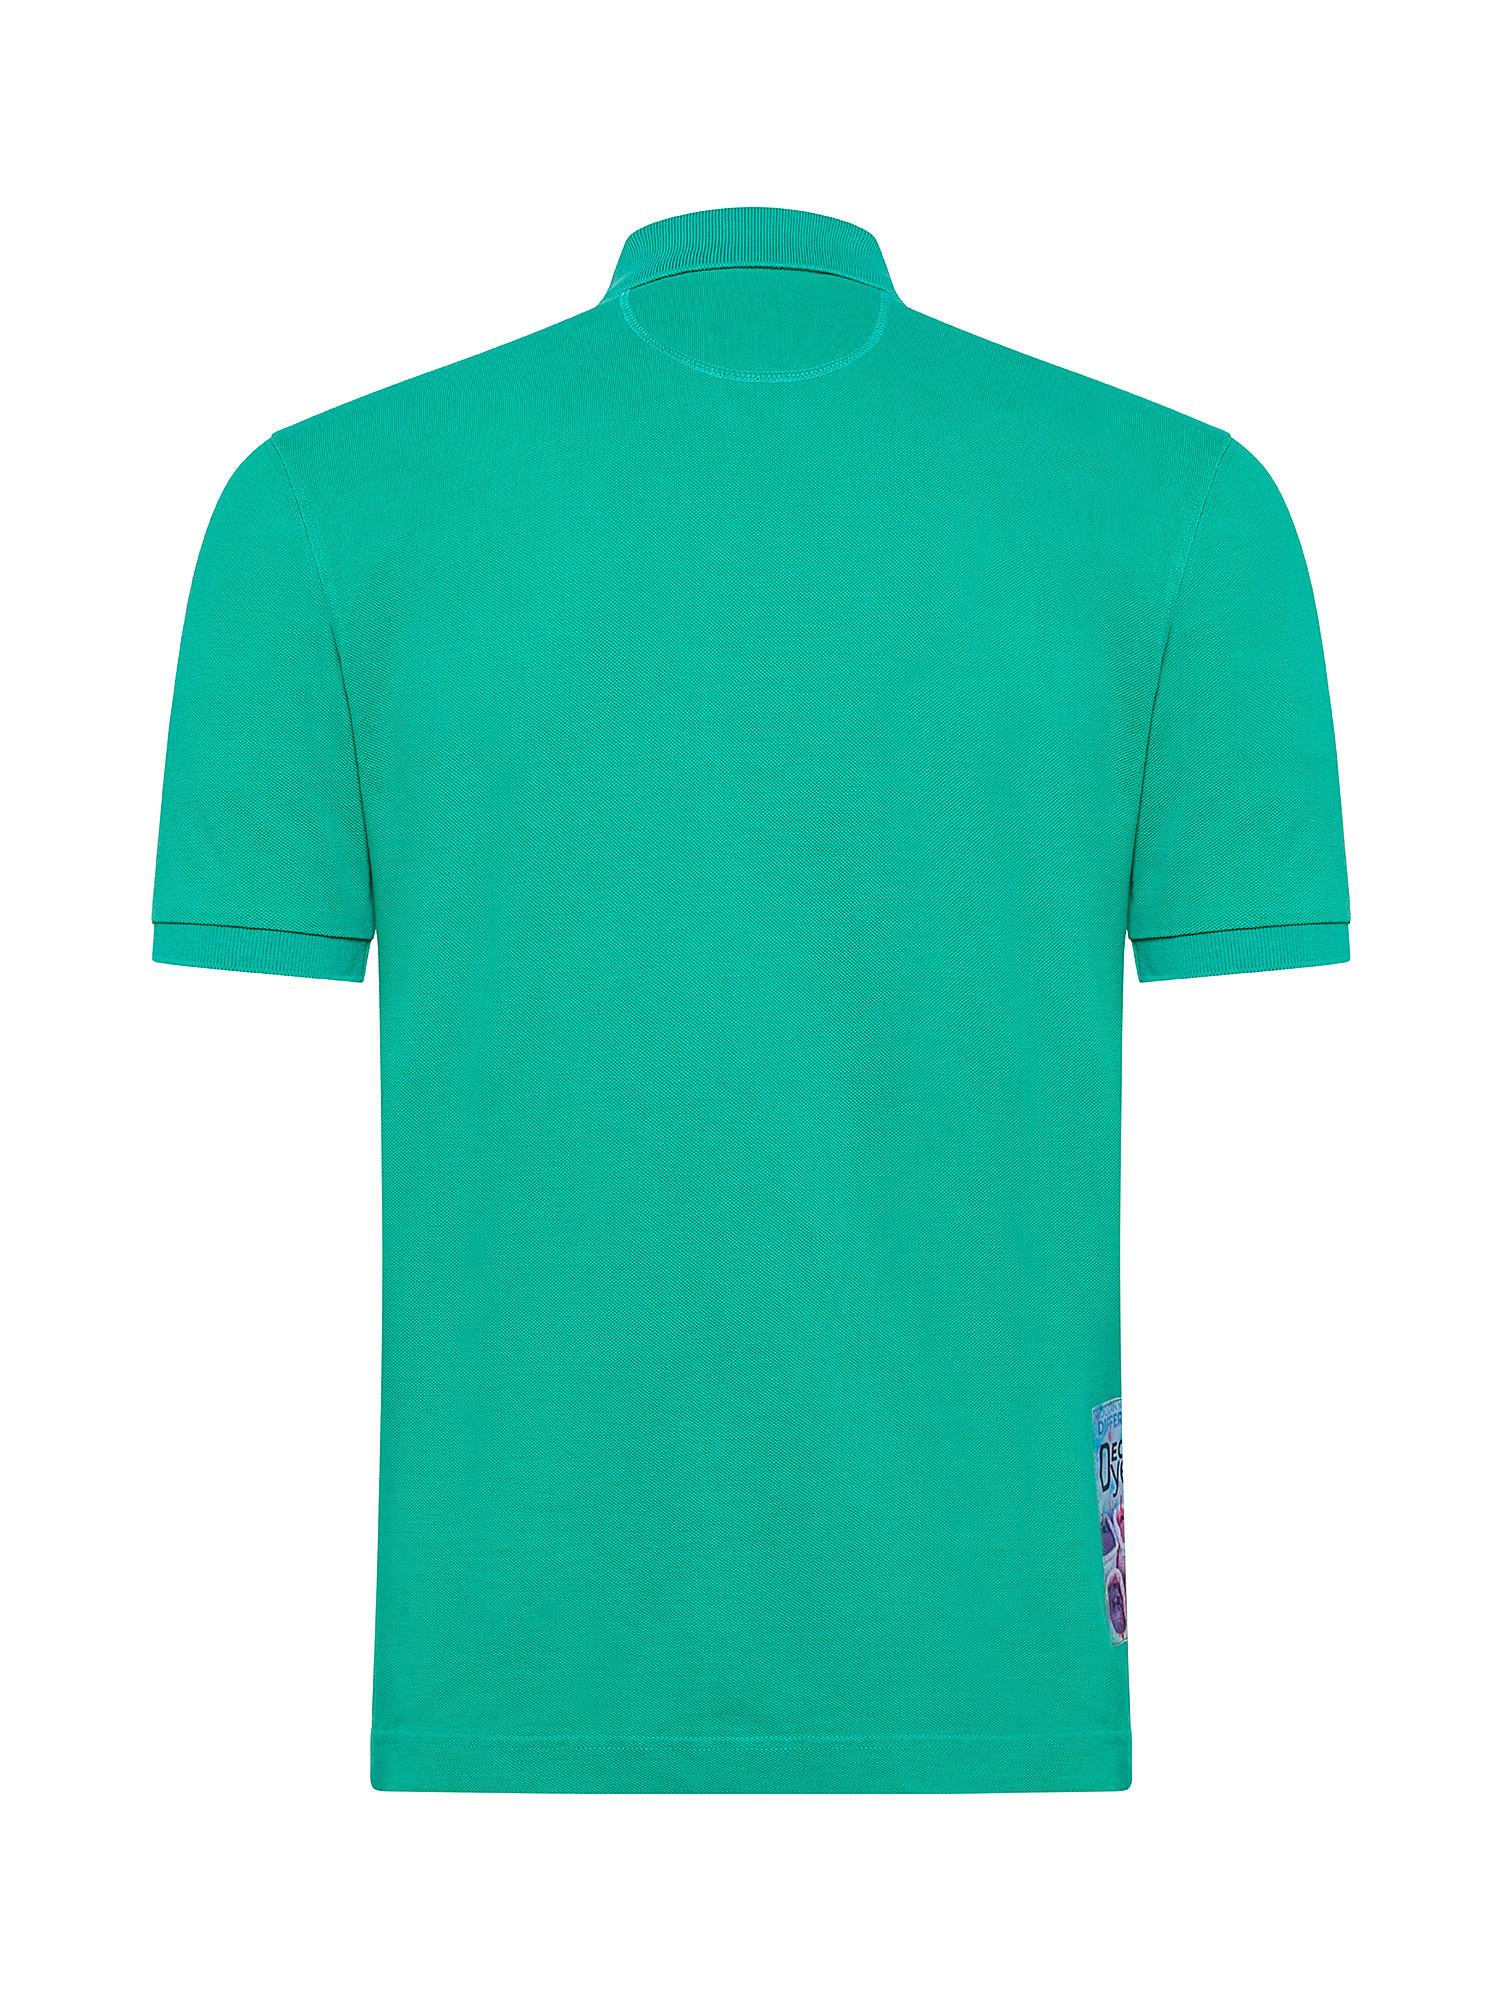 Polo da uomo a maniche corte in cotone regular fit, Verde, large image number 1